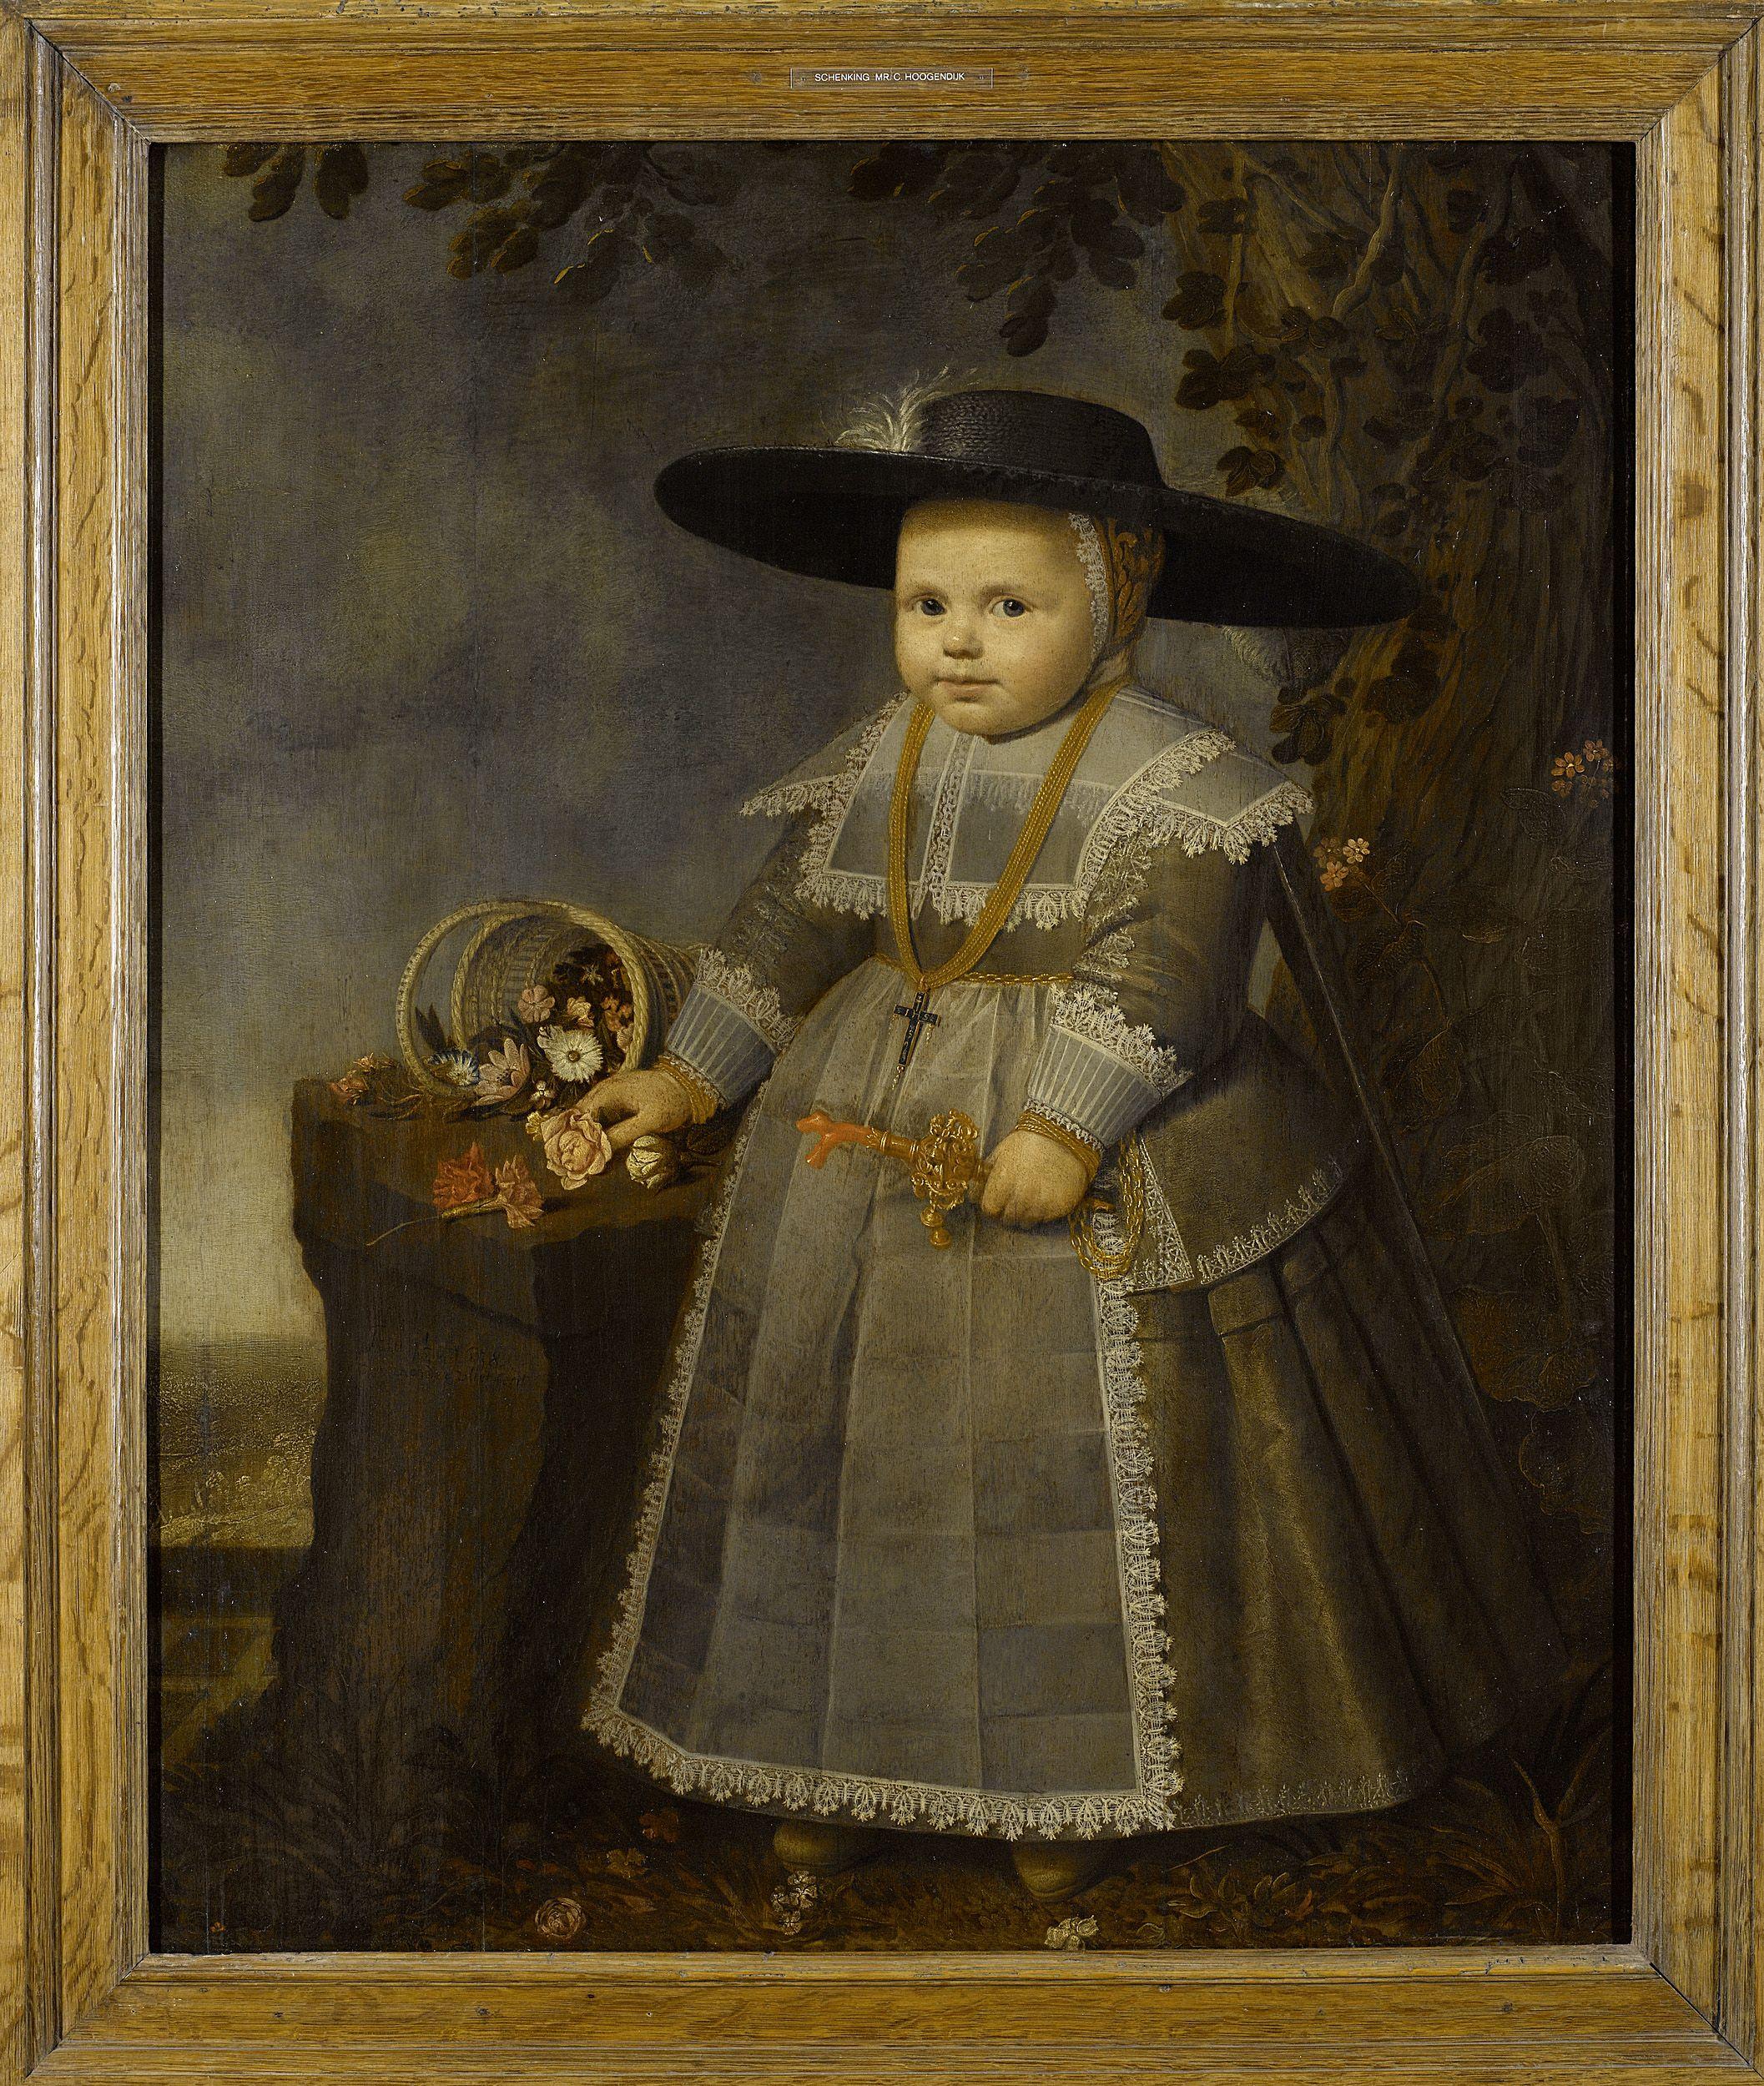 Willem van der Vliet, Portrait of a Child